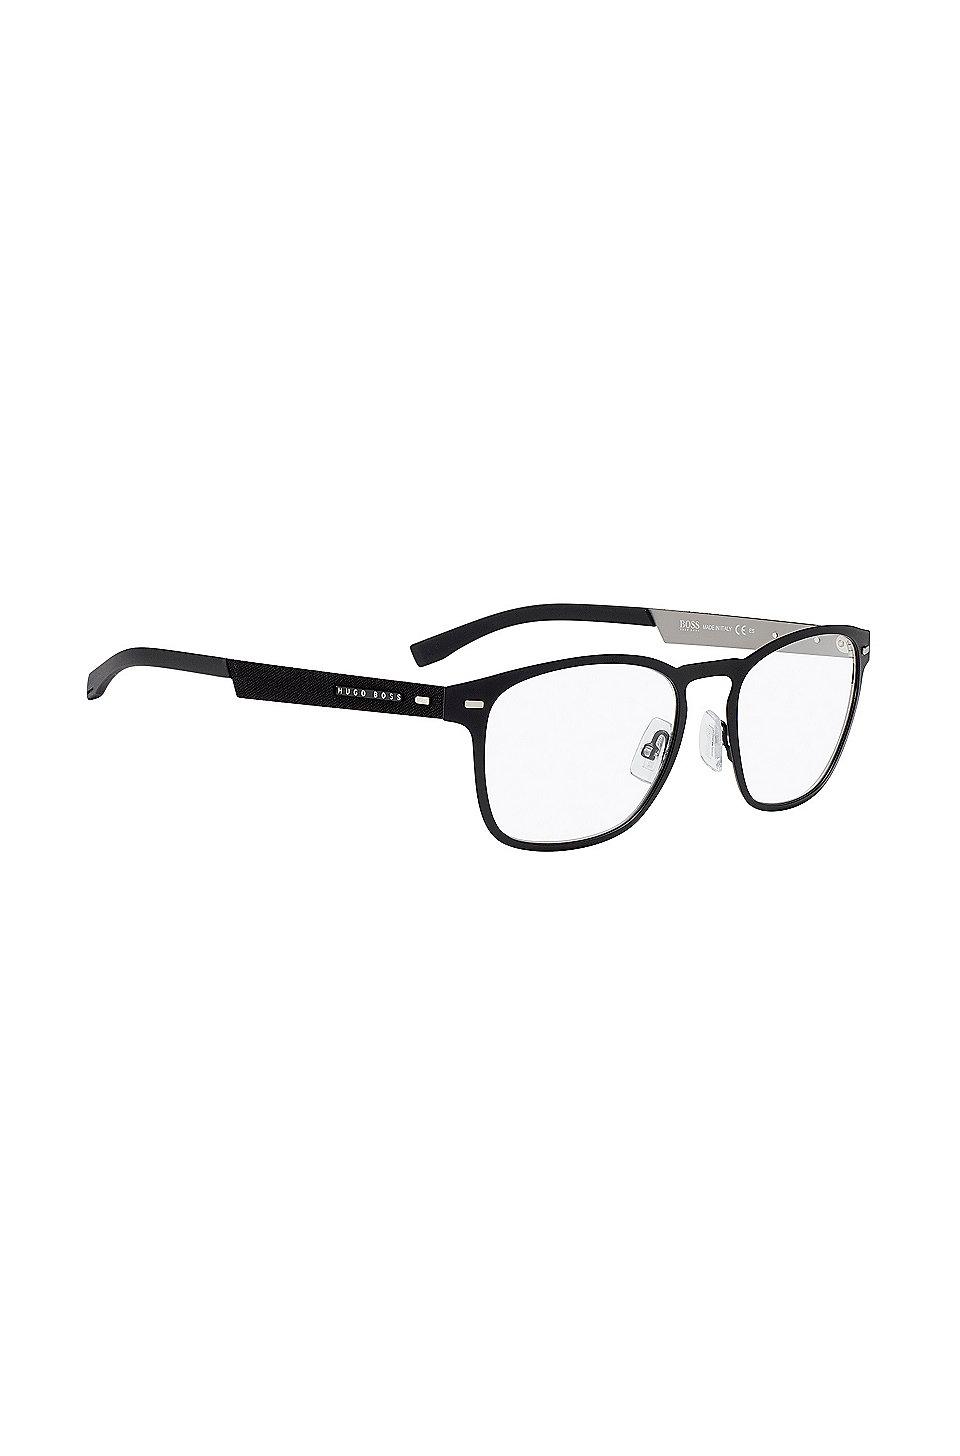 Sunglasses for men | Office & travel looks by HUGO BOSS